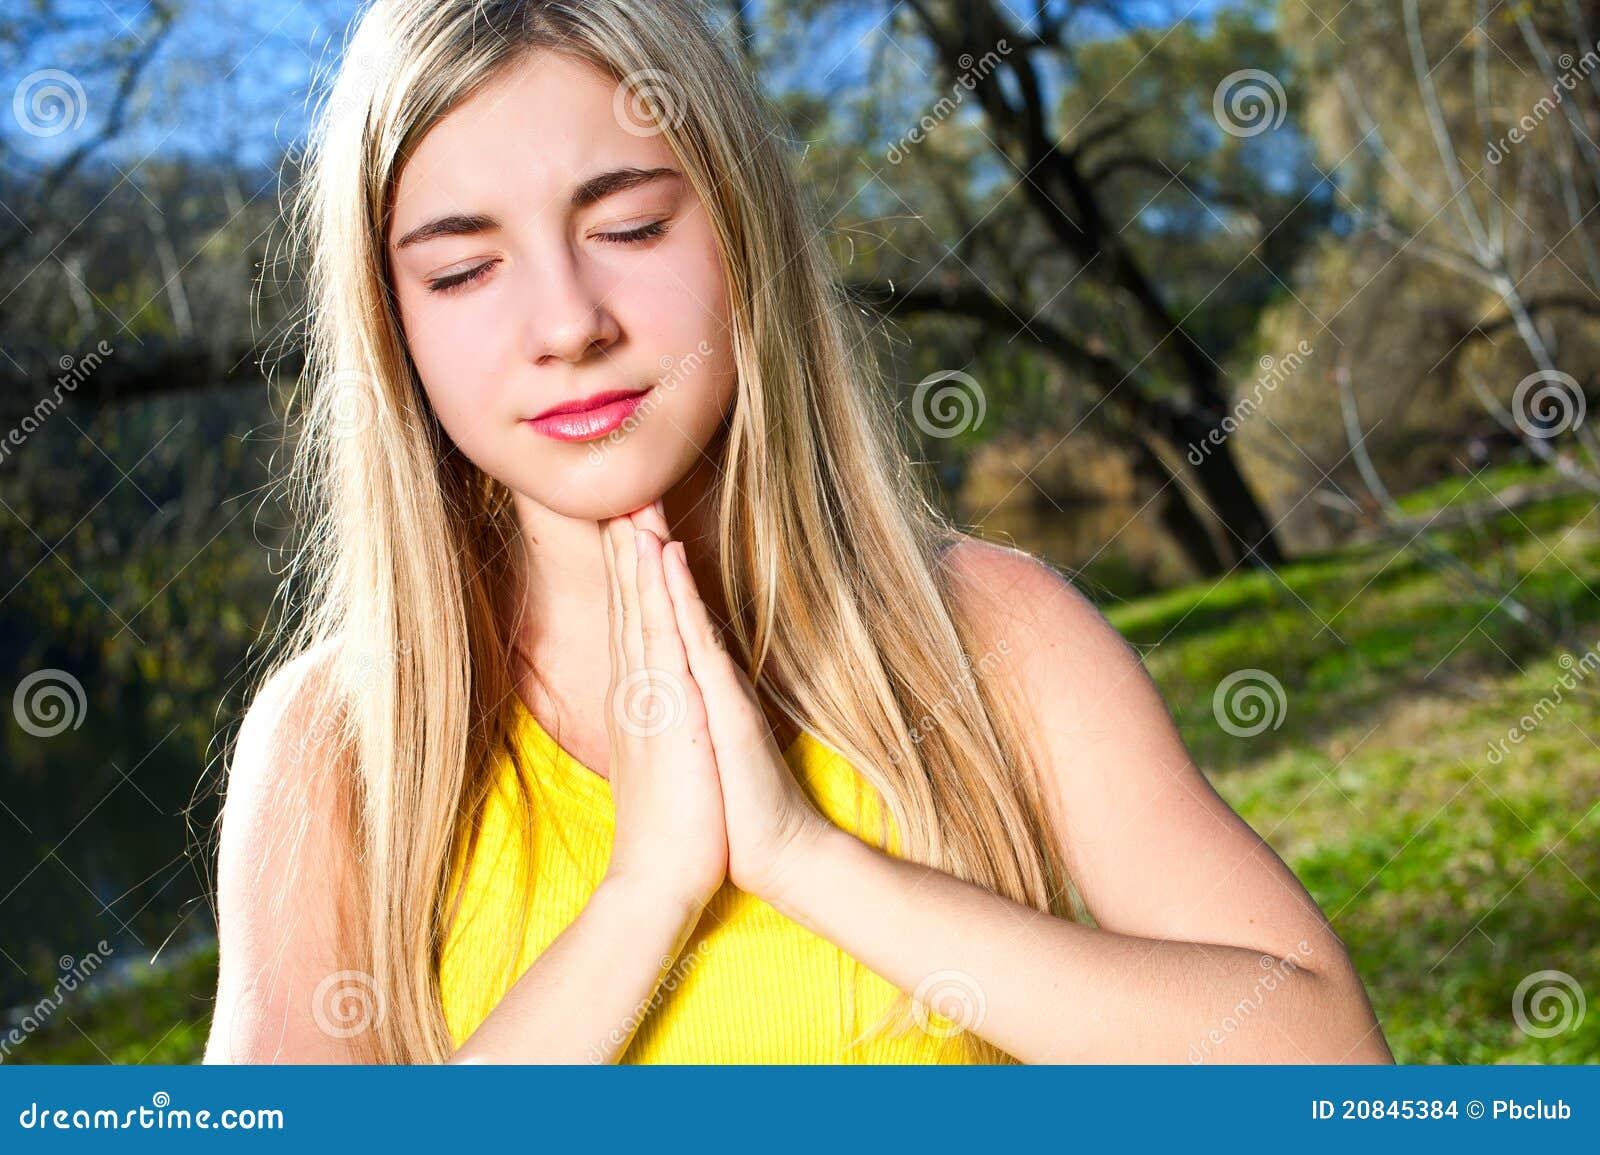 massage sex vidos afbeeldingen mooie vrouwen